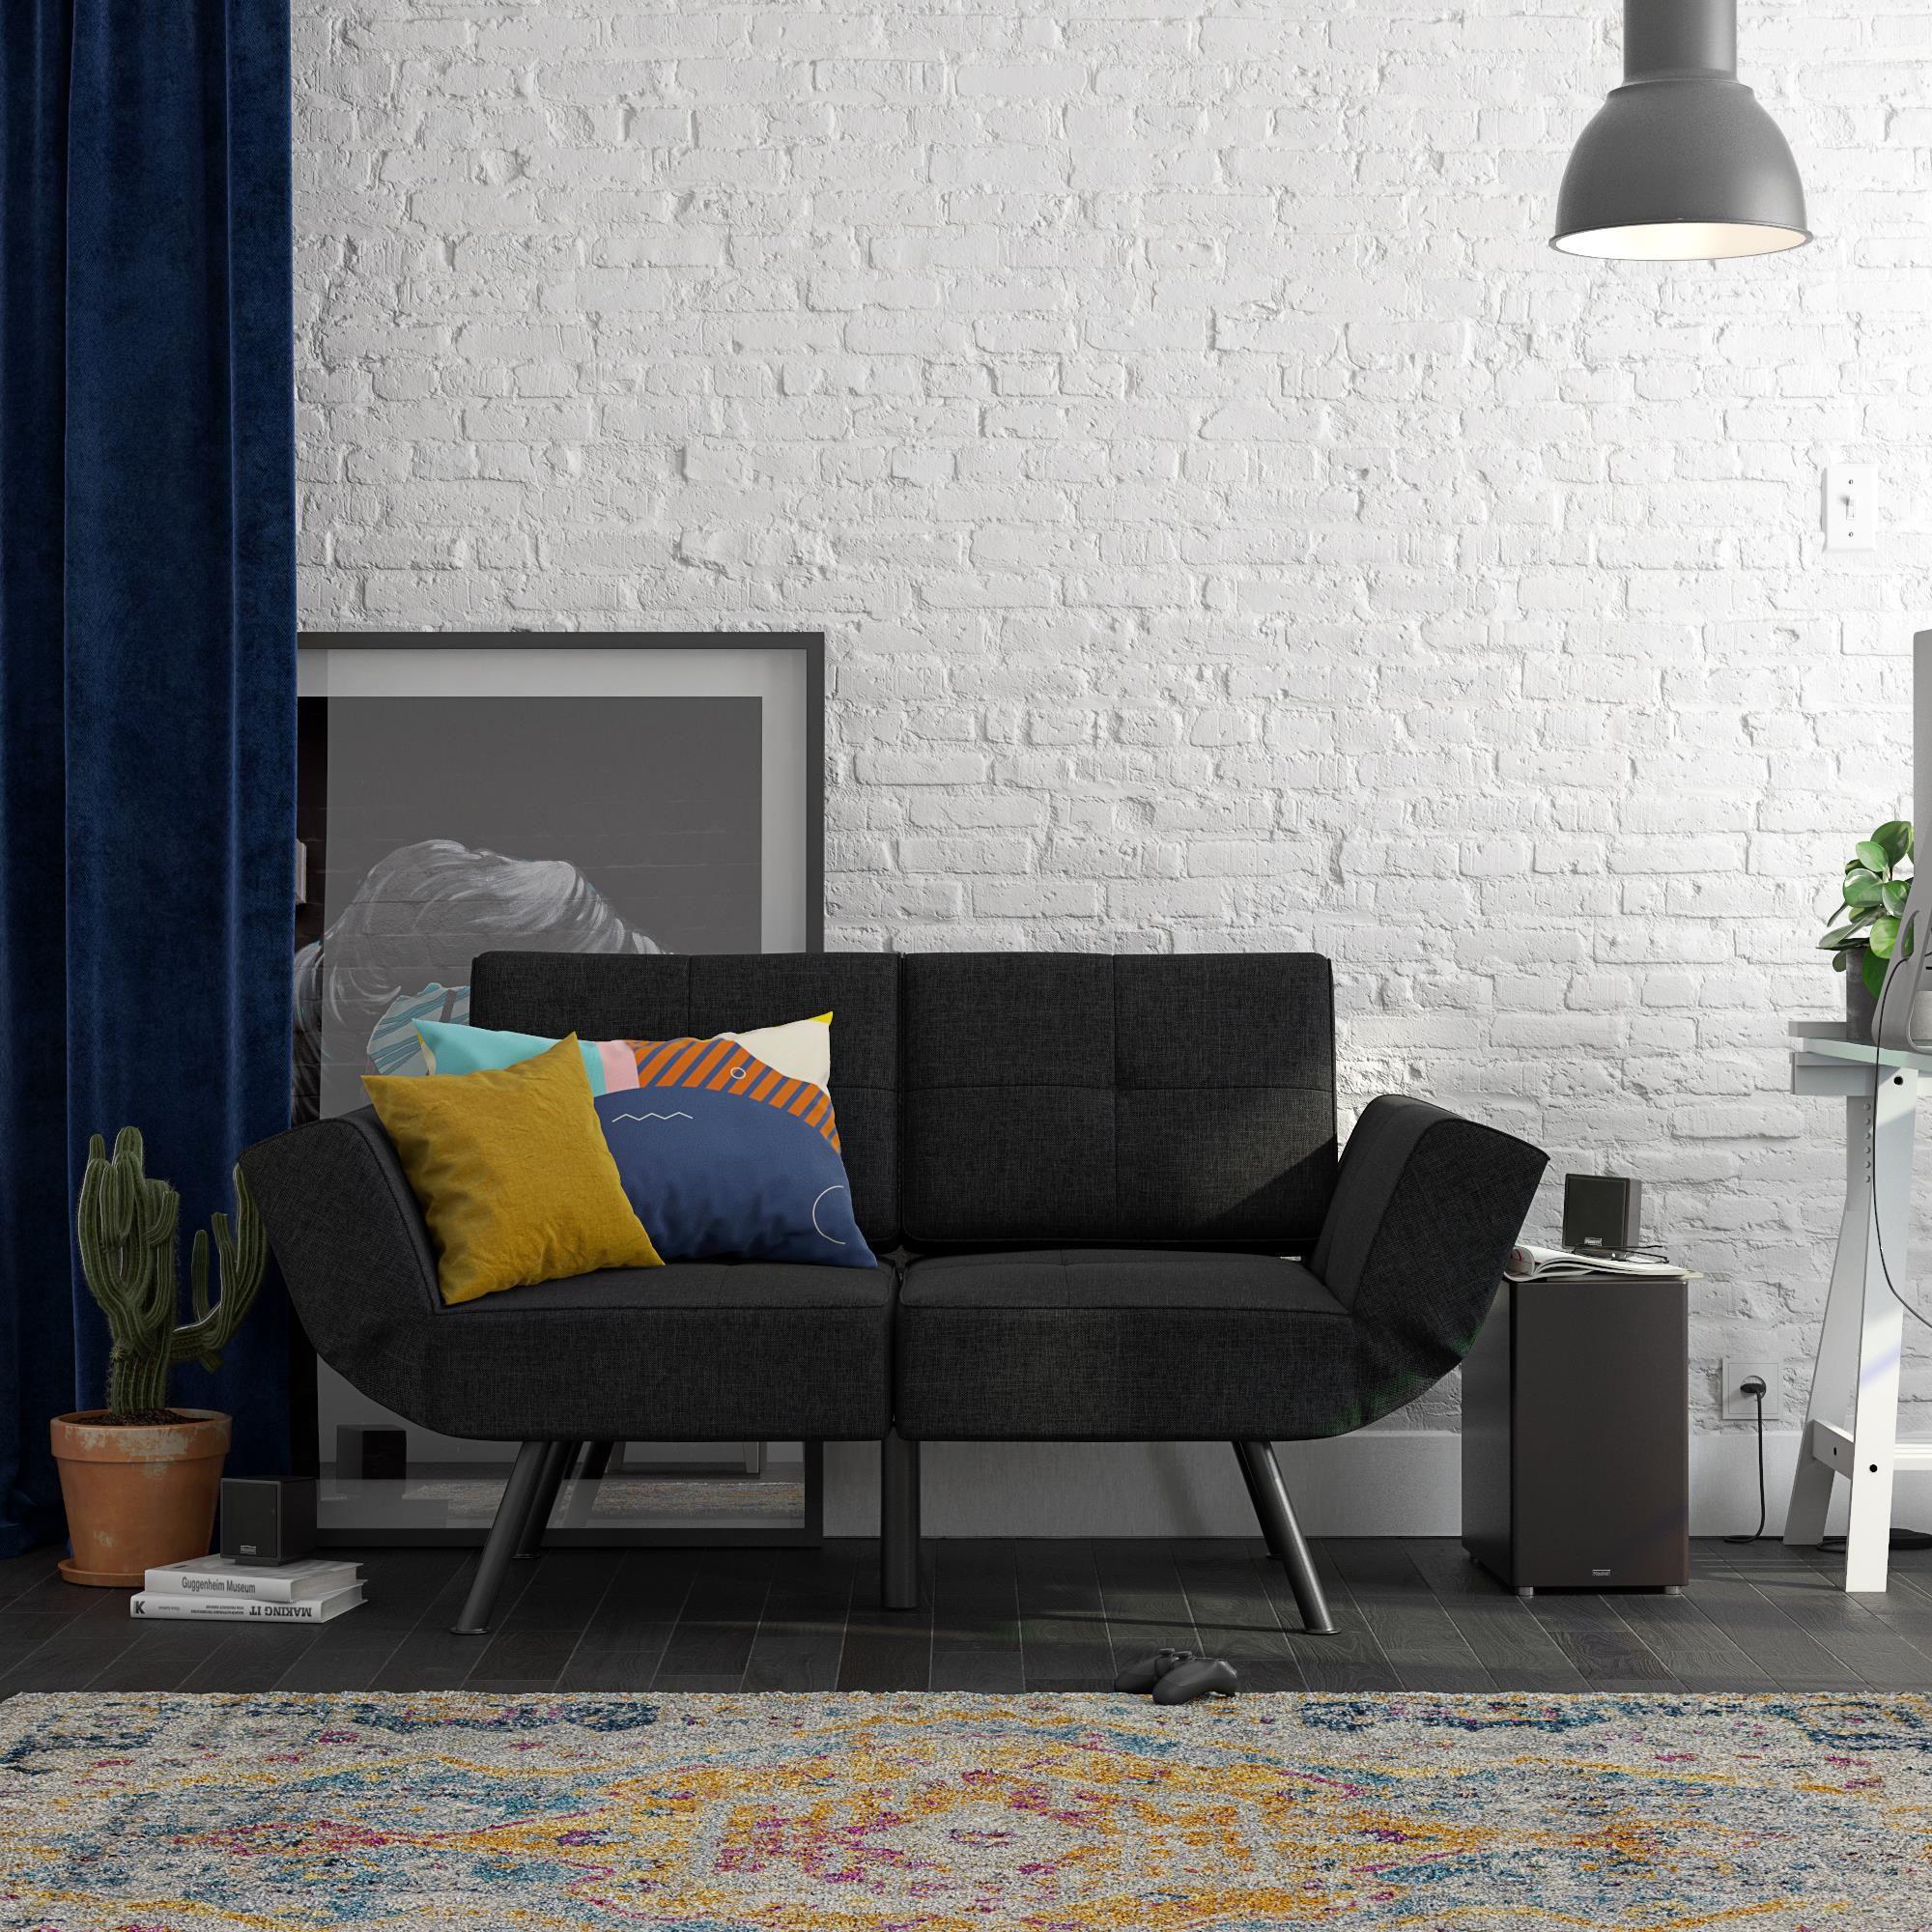 RealRooms Euro Loveseat Futon | Loveseat futon, Love seat ...